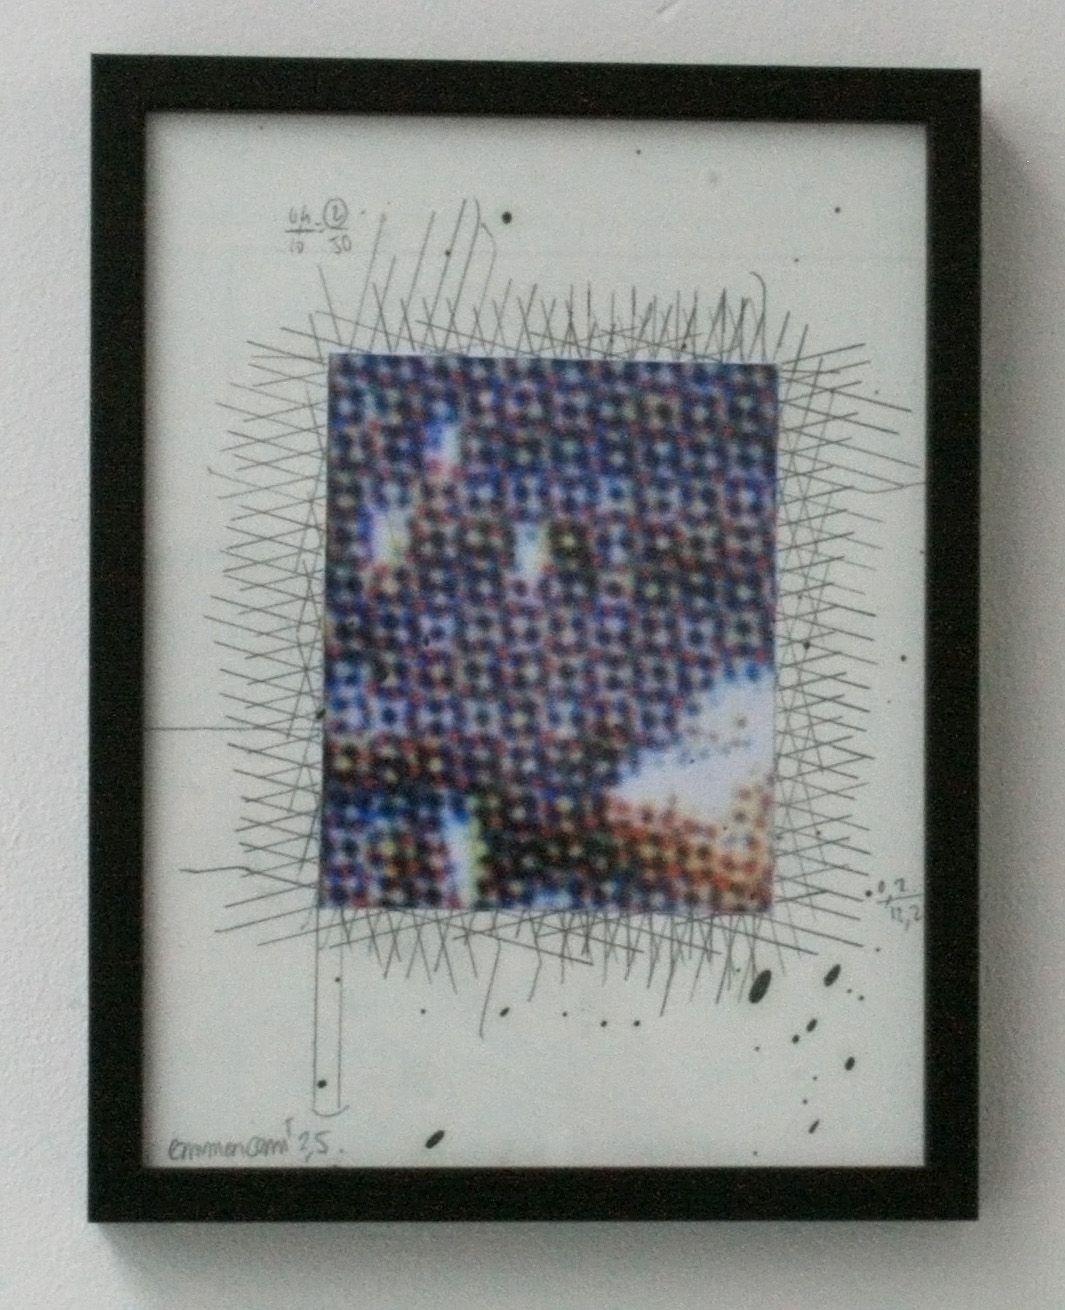 10-coraline-de-chiara-variations-inseparables-collage-mine-de-plomb-huile-sur-papier-17x23-cm-2016-dc6fcd9ea84a121f327b9b5bd7ffe718